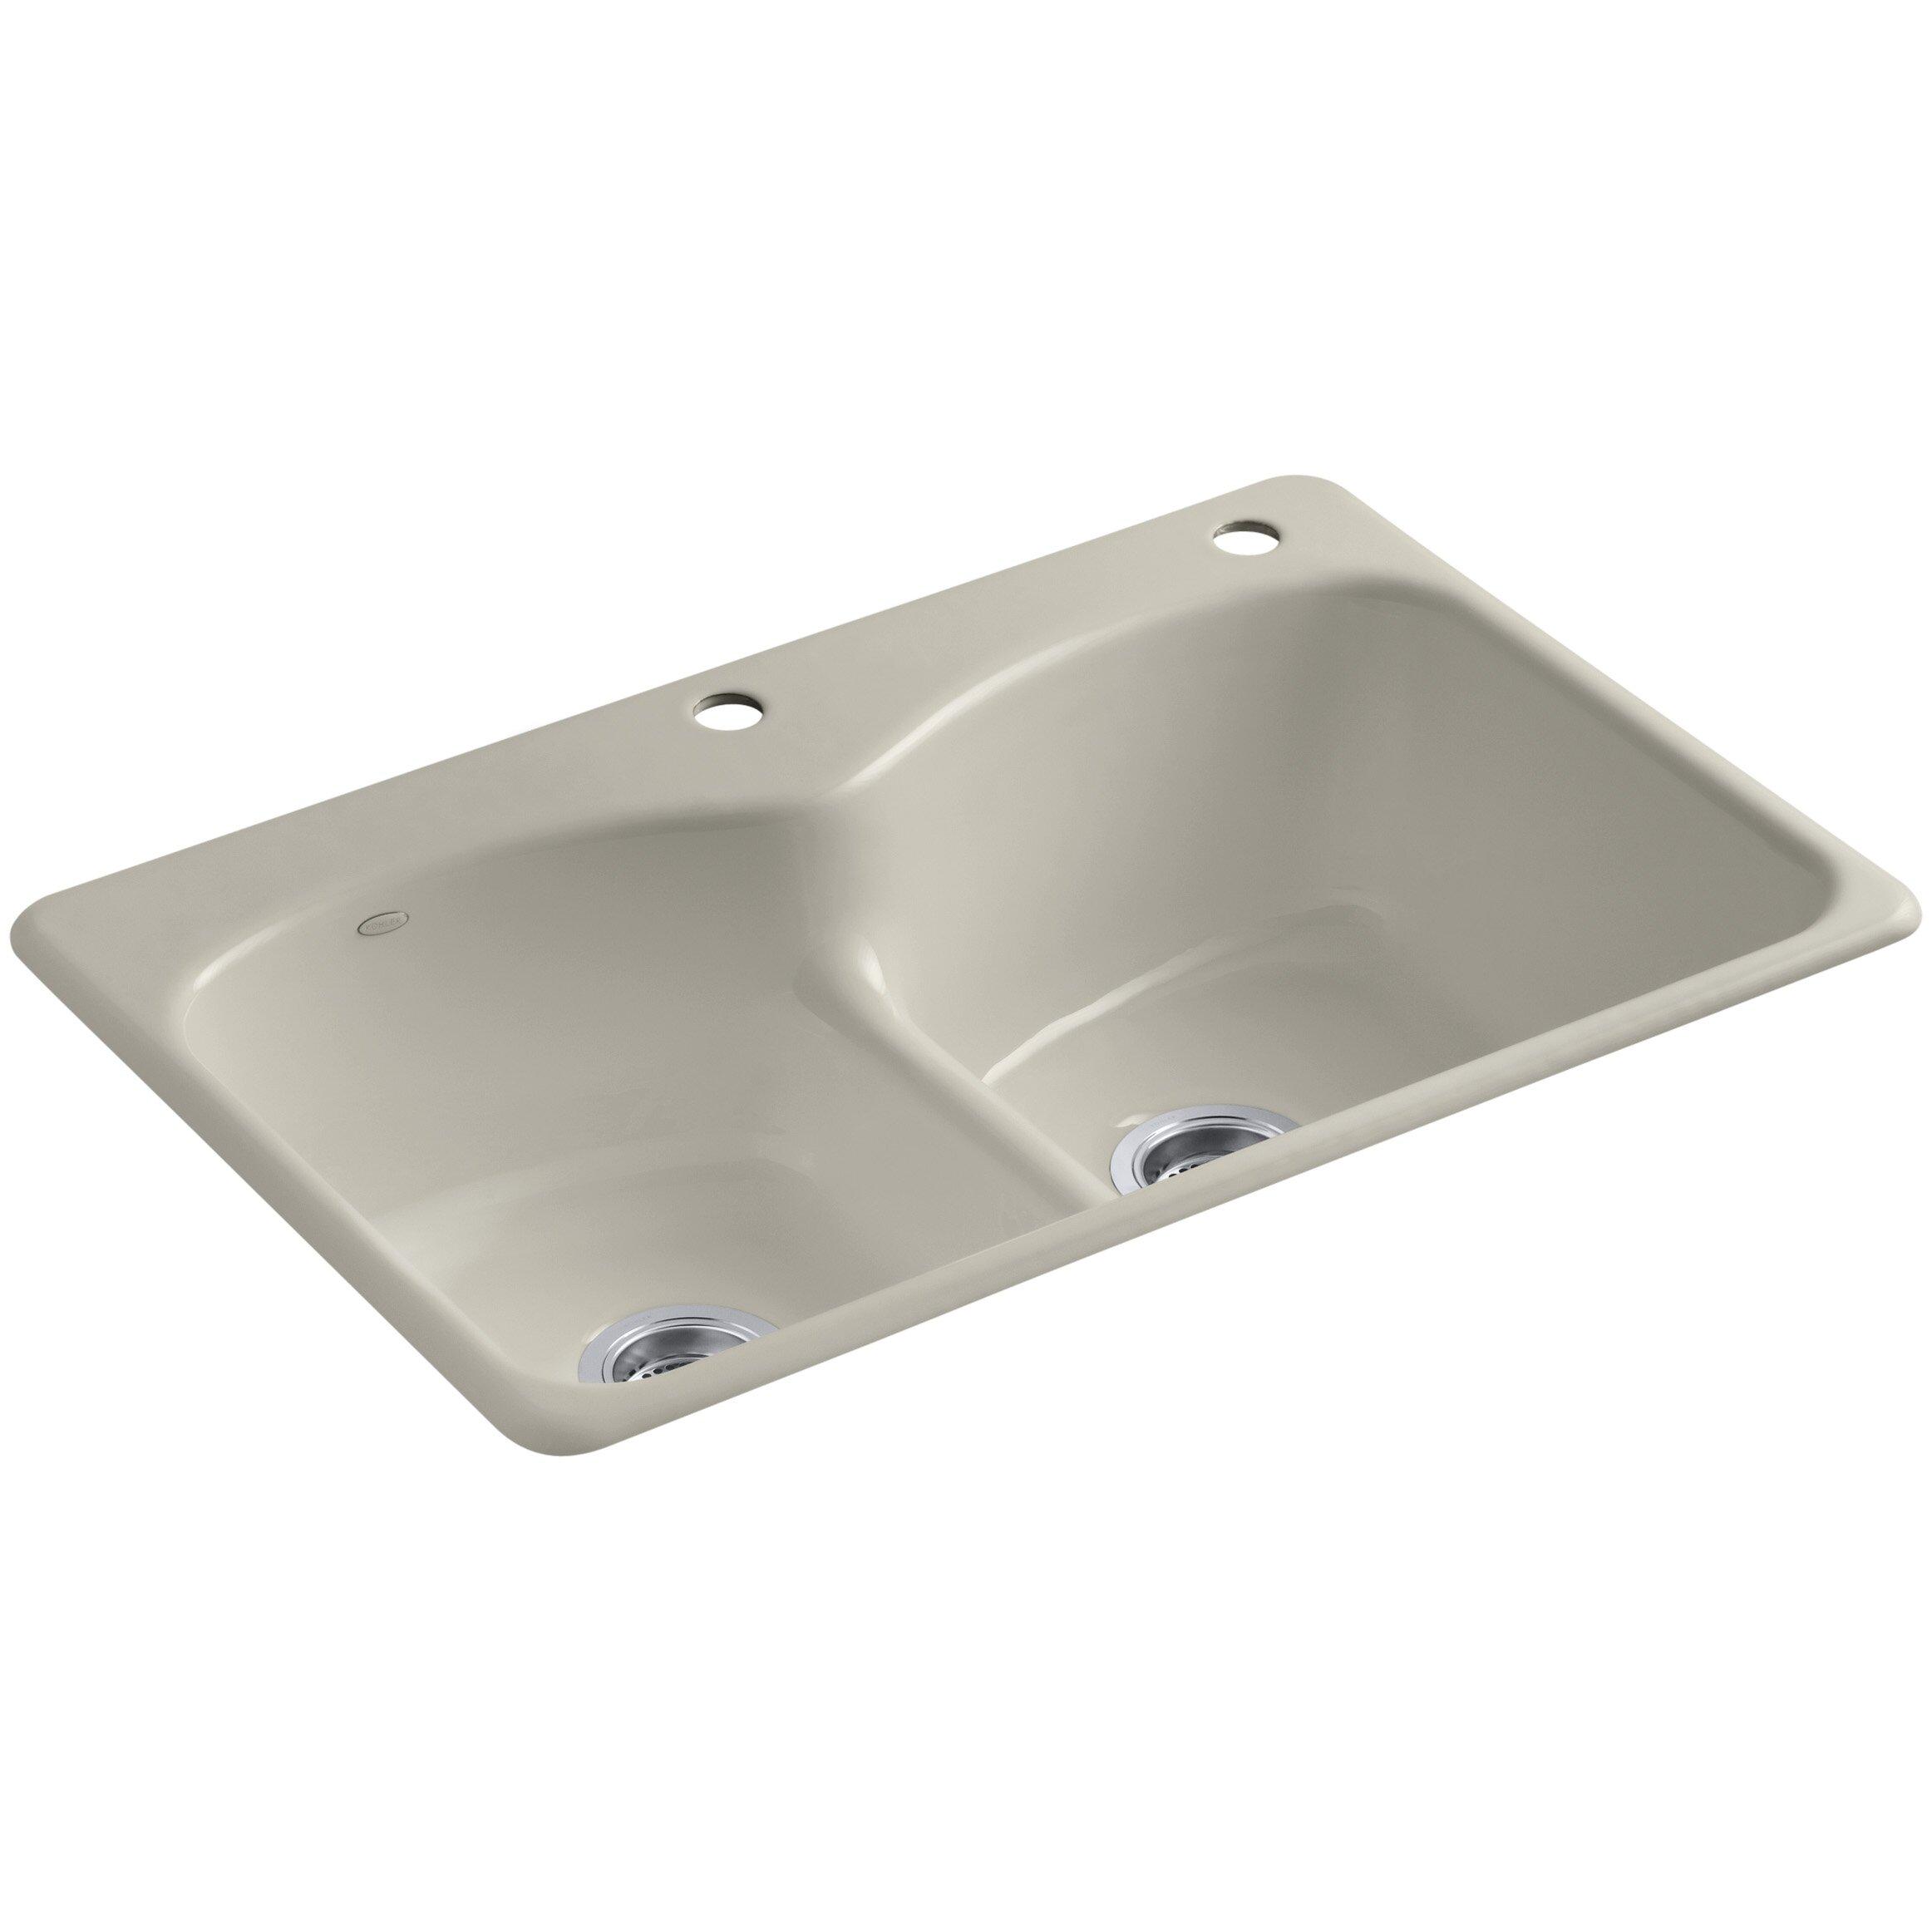 Kohler Sink Protectors : Kohler Langlade 33